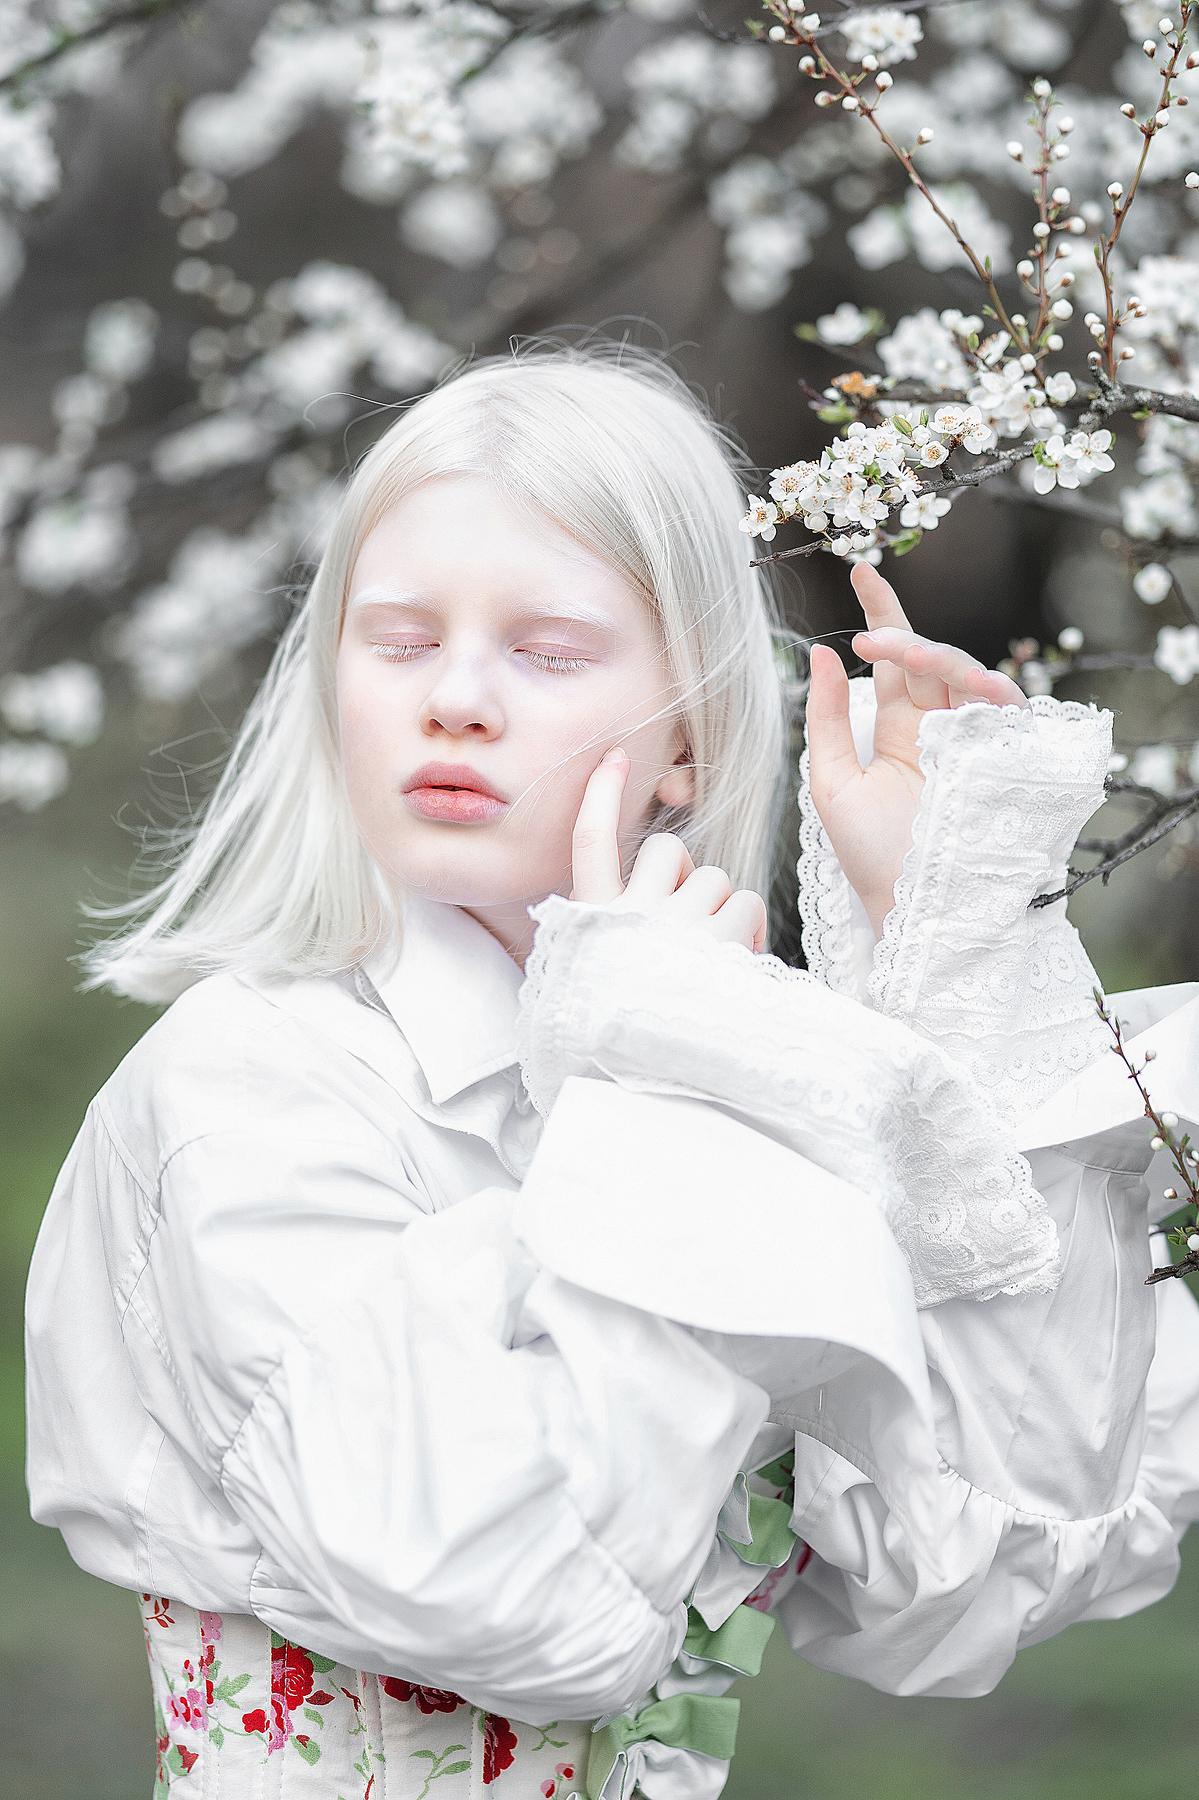 Белая весна / фотограф Photographyzp Yana